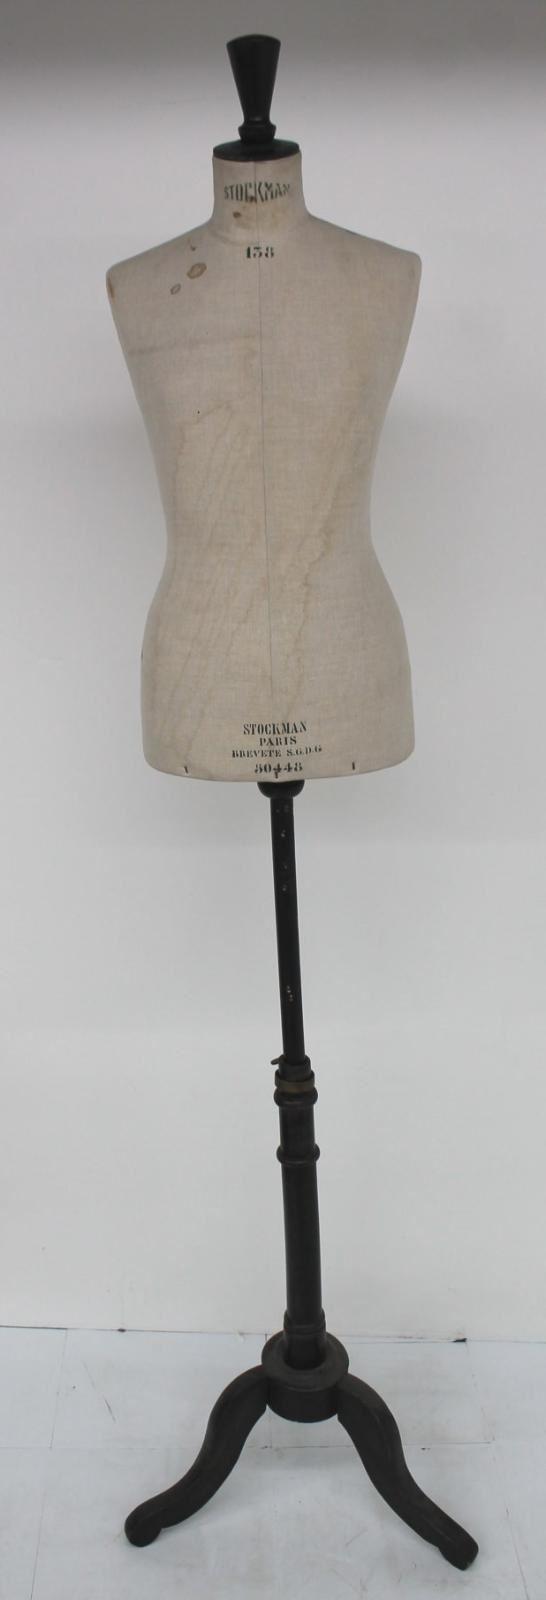 STOCKMAN-Haute-Couture-Classic-Female-Form-Vintage-Dressmaker-Mannequin-Dummy